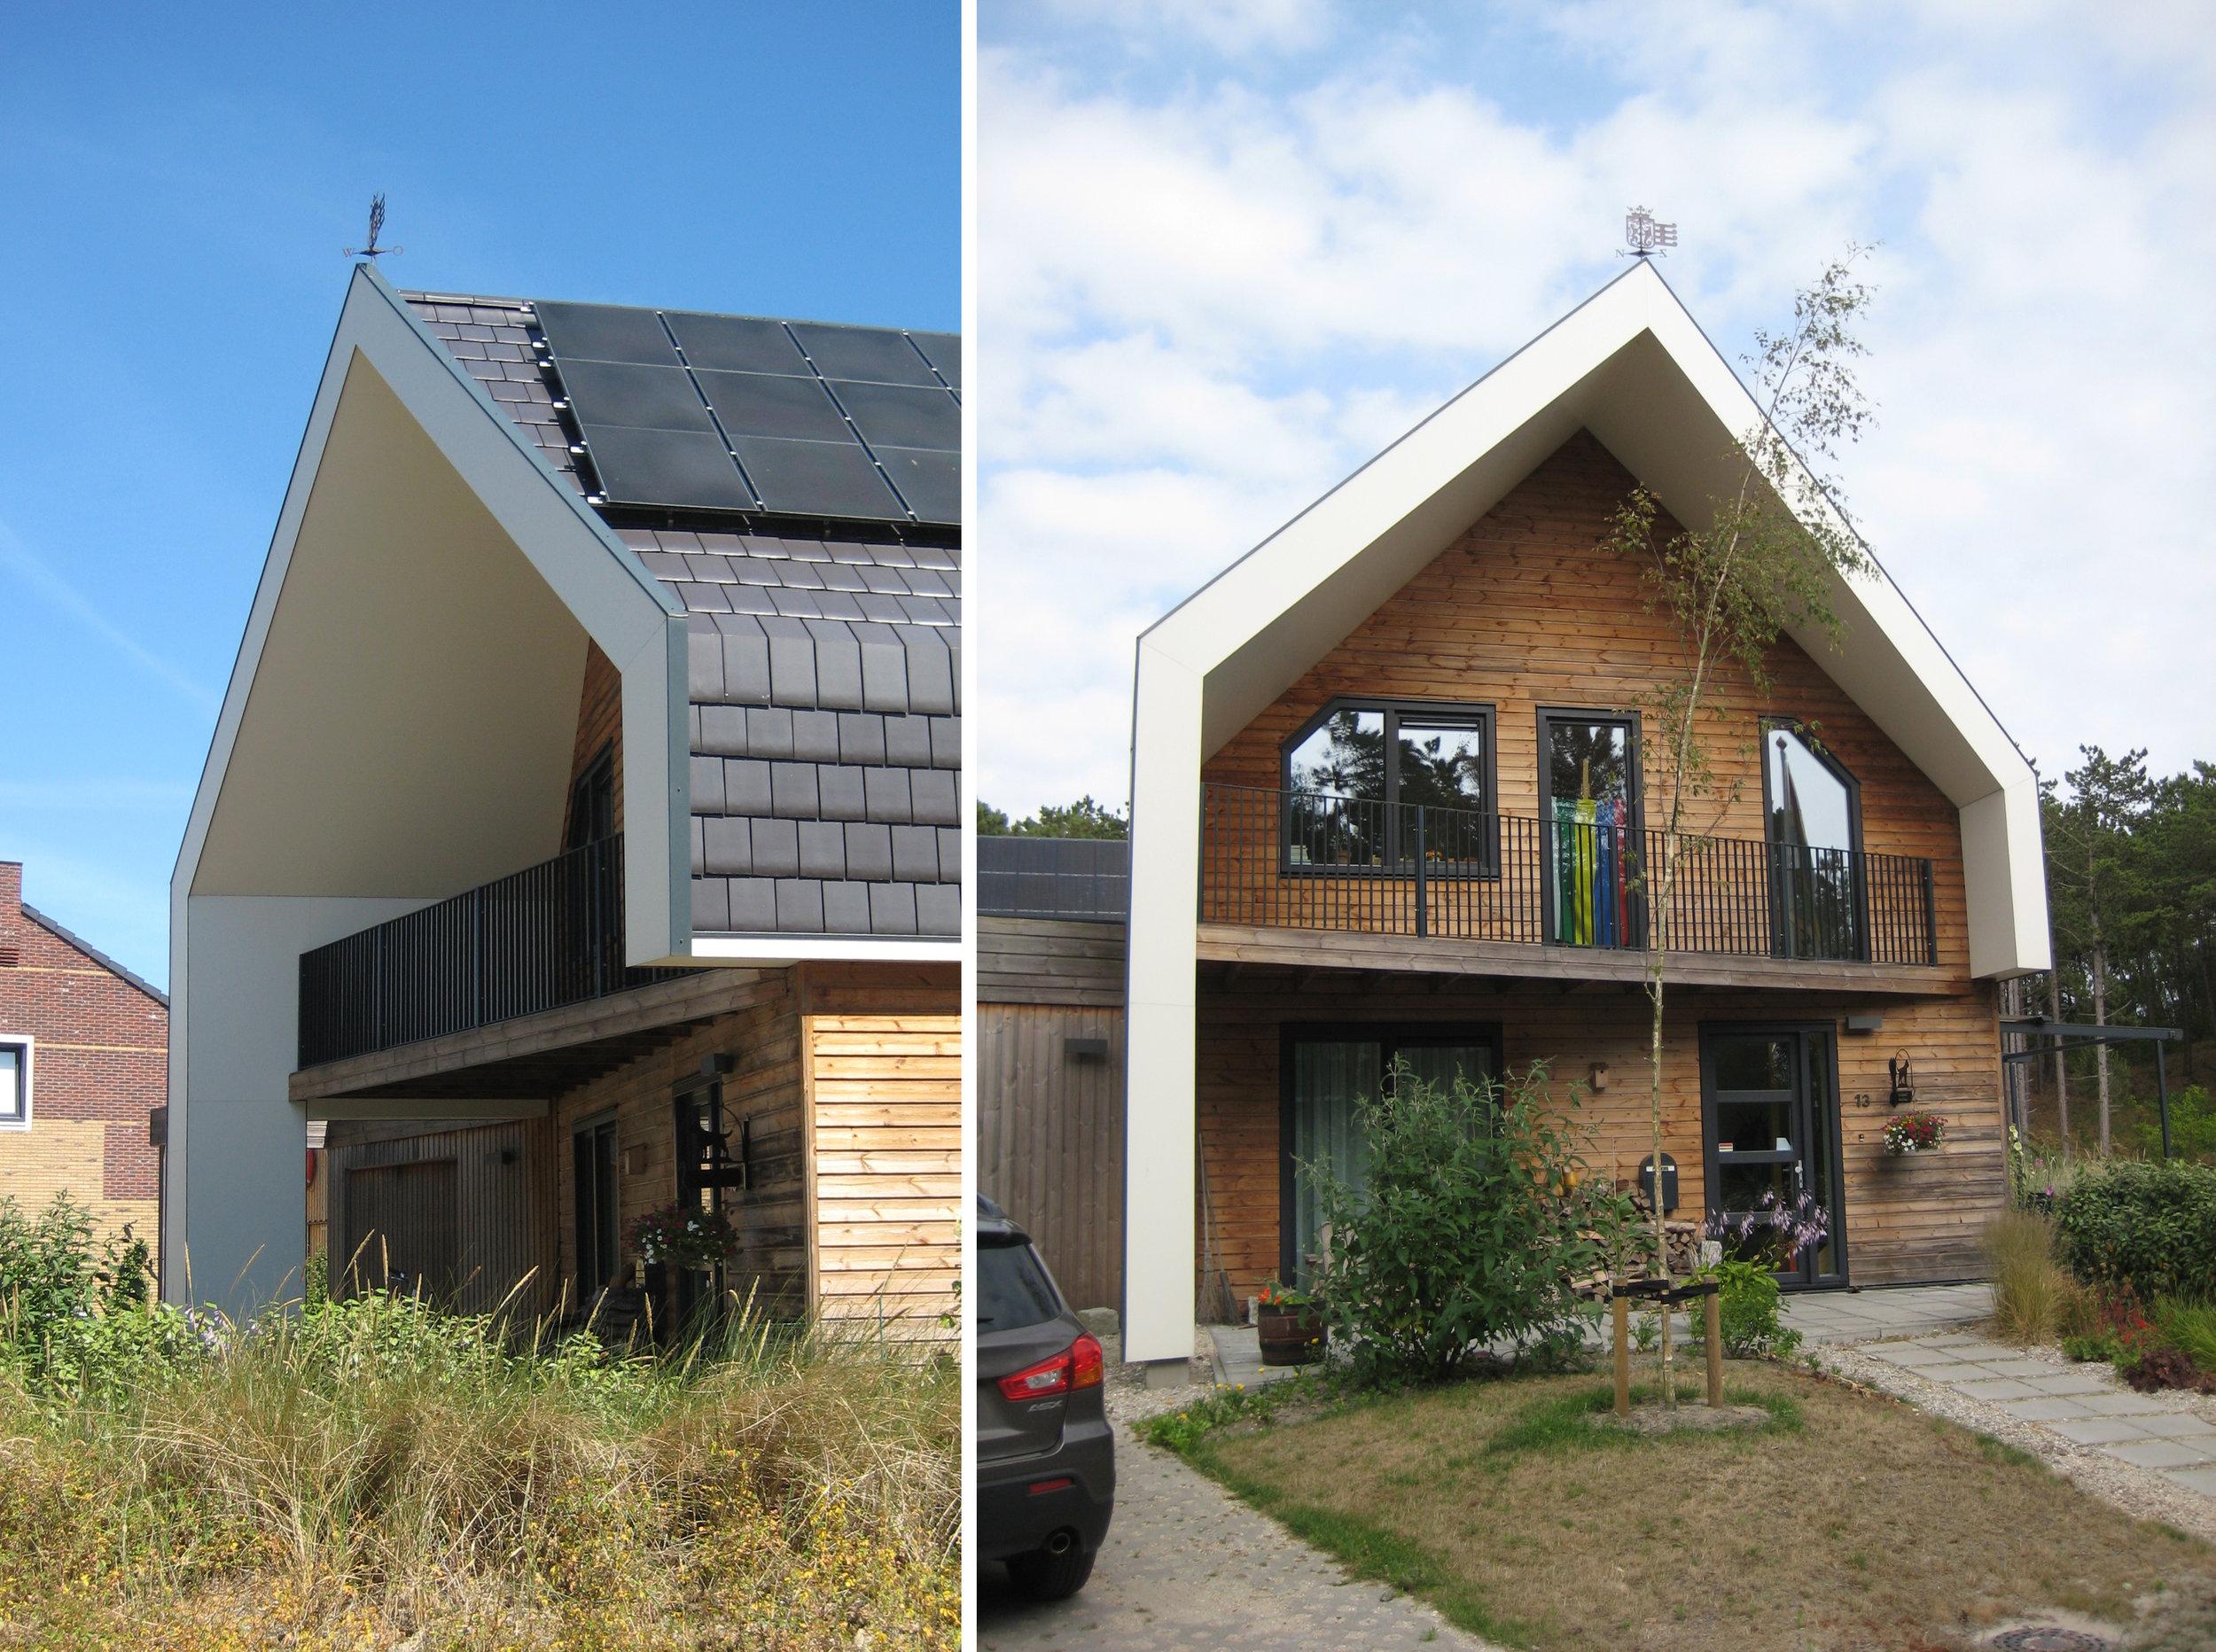 Kat Koree Architecten Woningbouw particulier Steven Wiegmanlaan 1 West Terschelling burgemeester nieuwbouw woonhuis